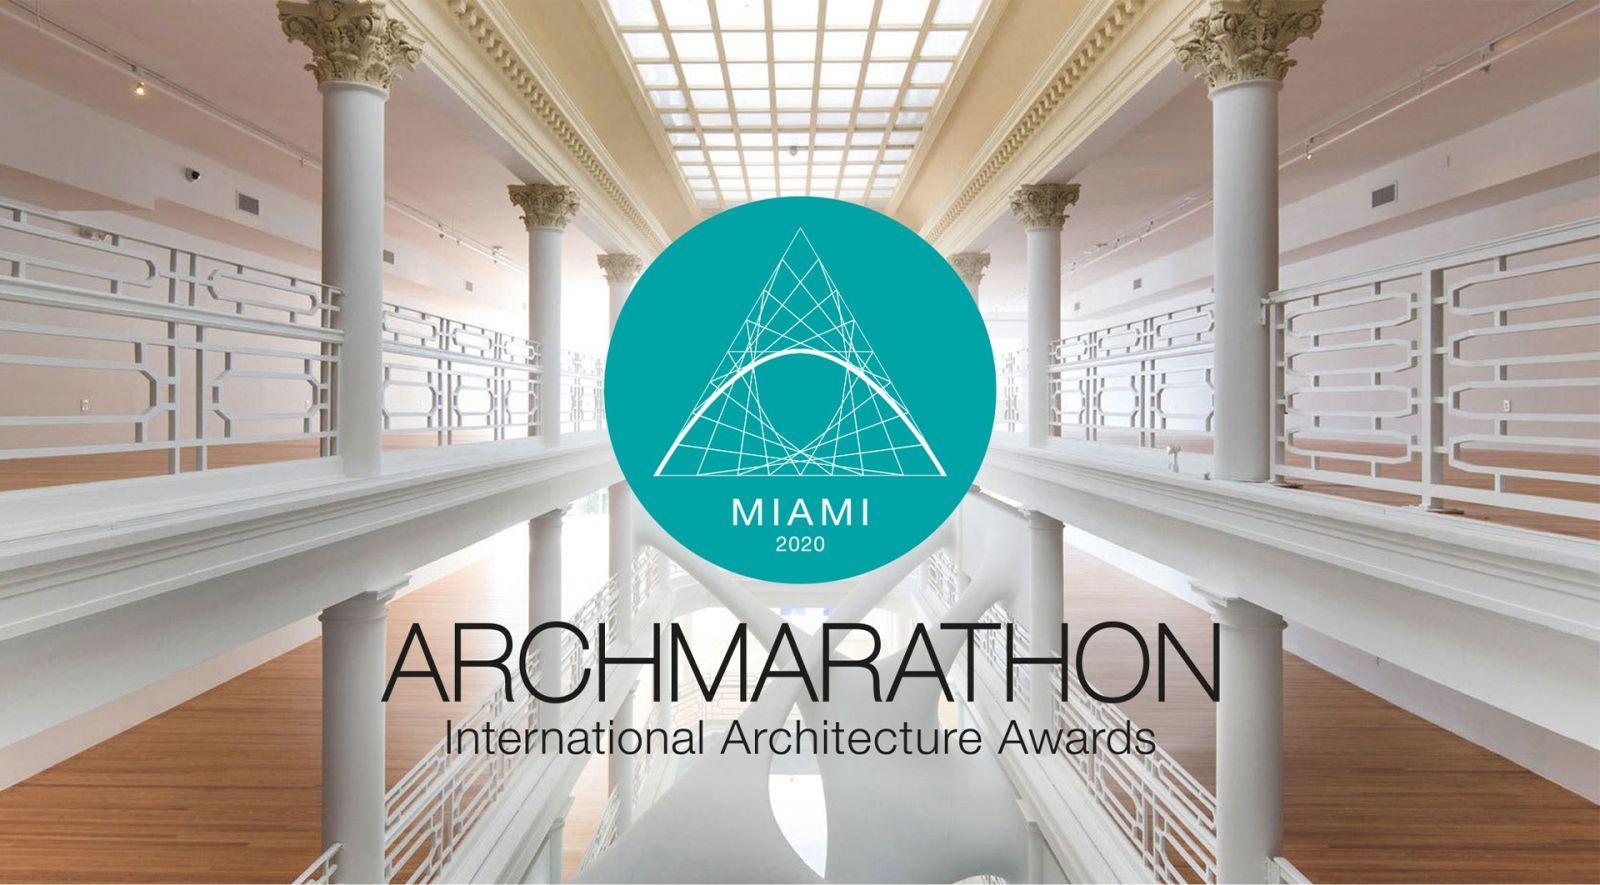 ARCHMARATHON Awards Miami 2020